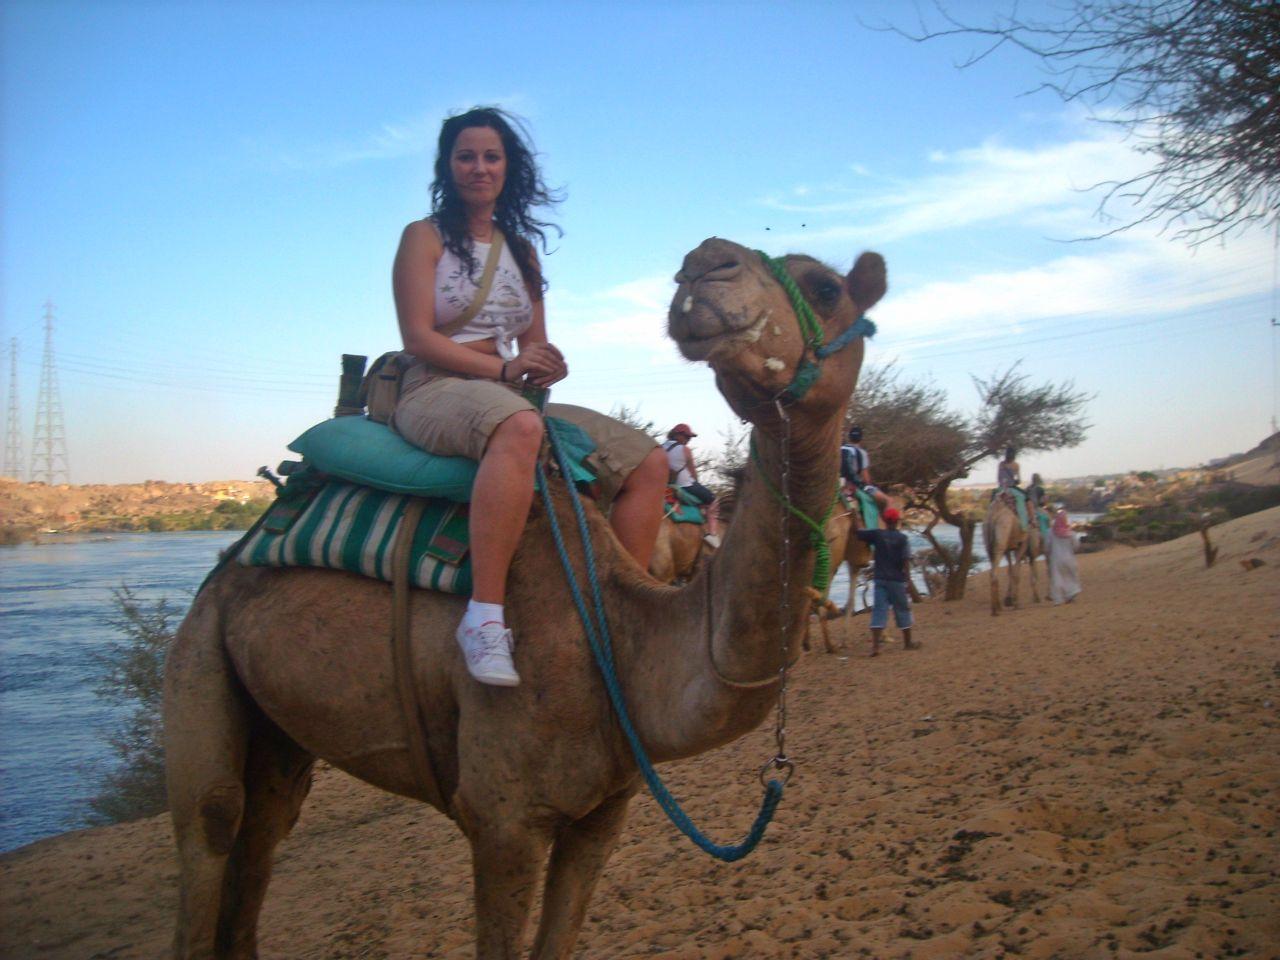 Viaje a Egipto: paseo en dromedario. Egypt trip